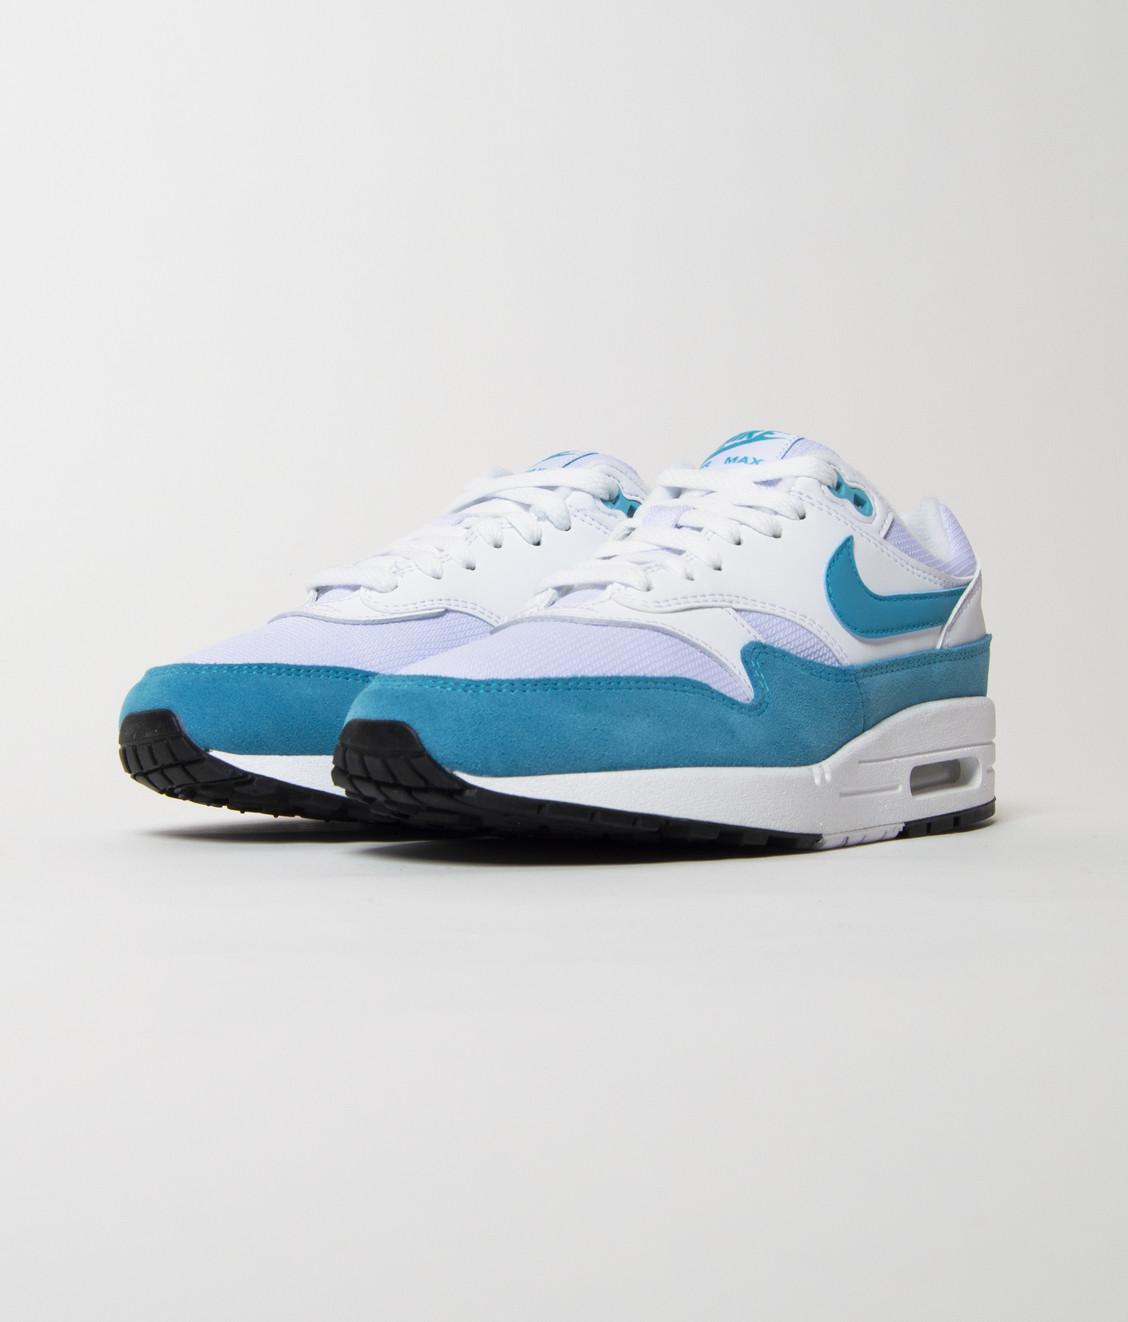 Nike Nike Air Max 1 White Light Blue Fury Atomic Teal